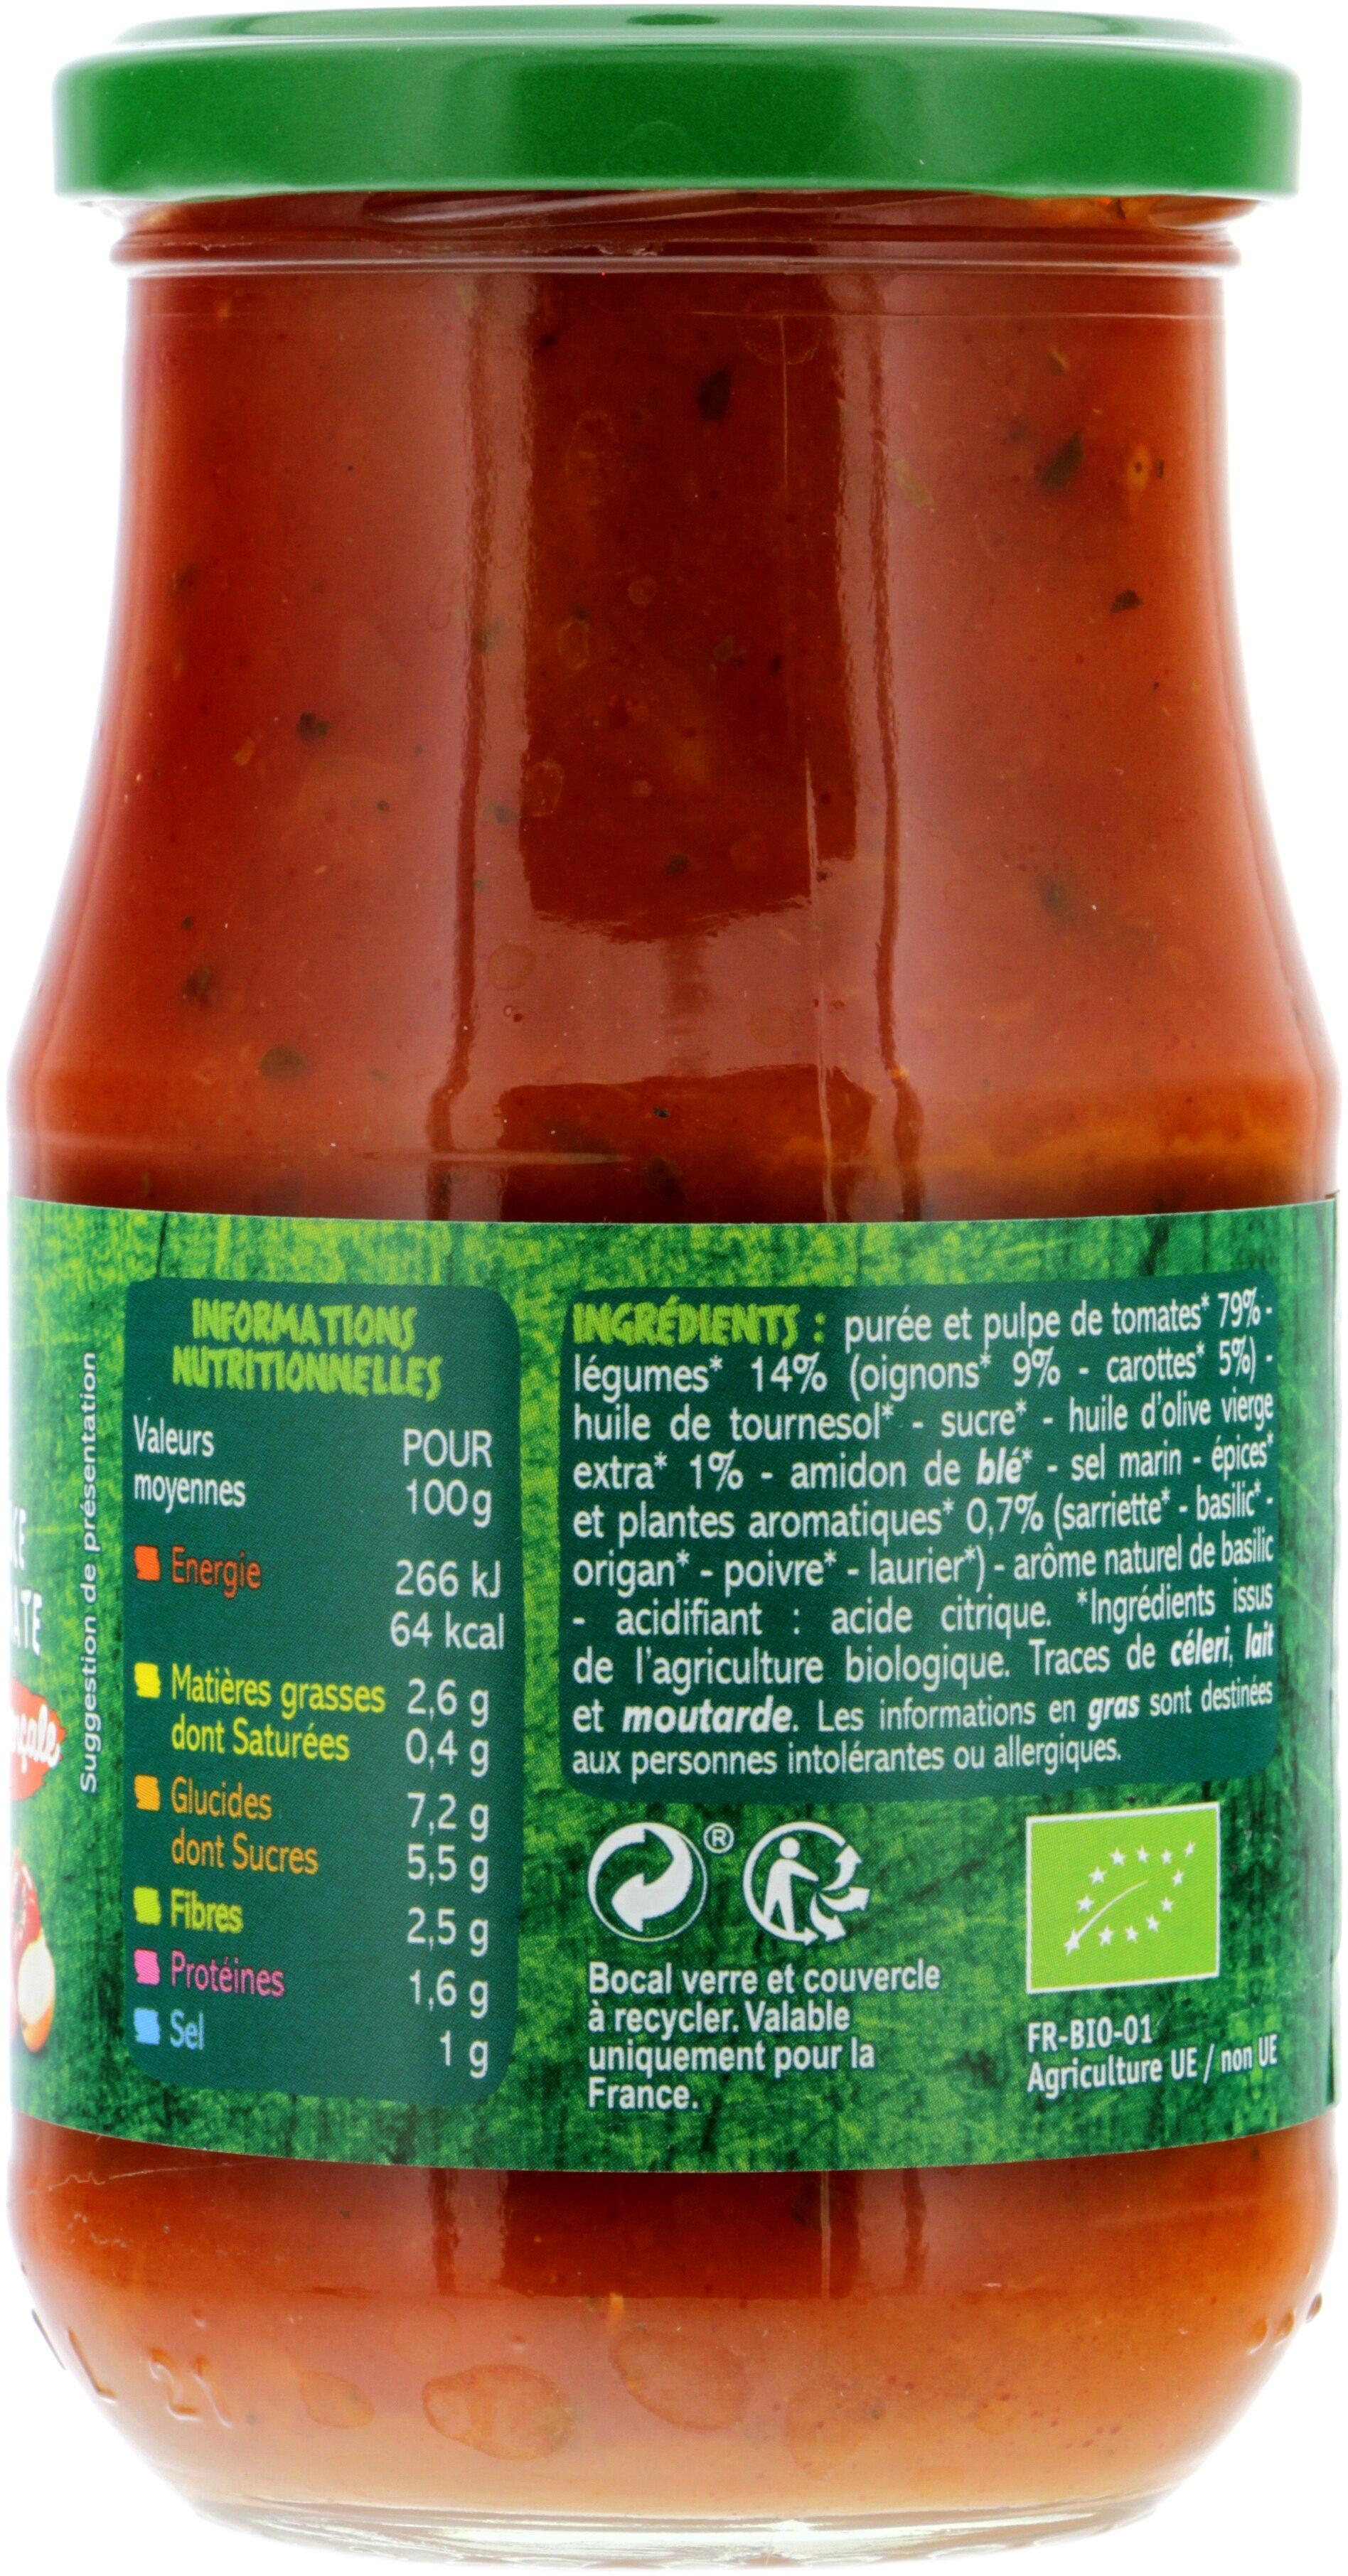 Sauce tomates provençale - Nutrition facts